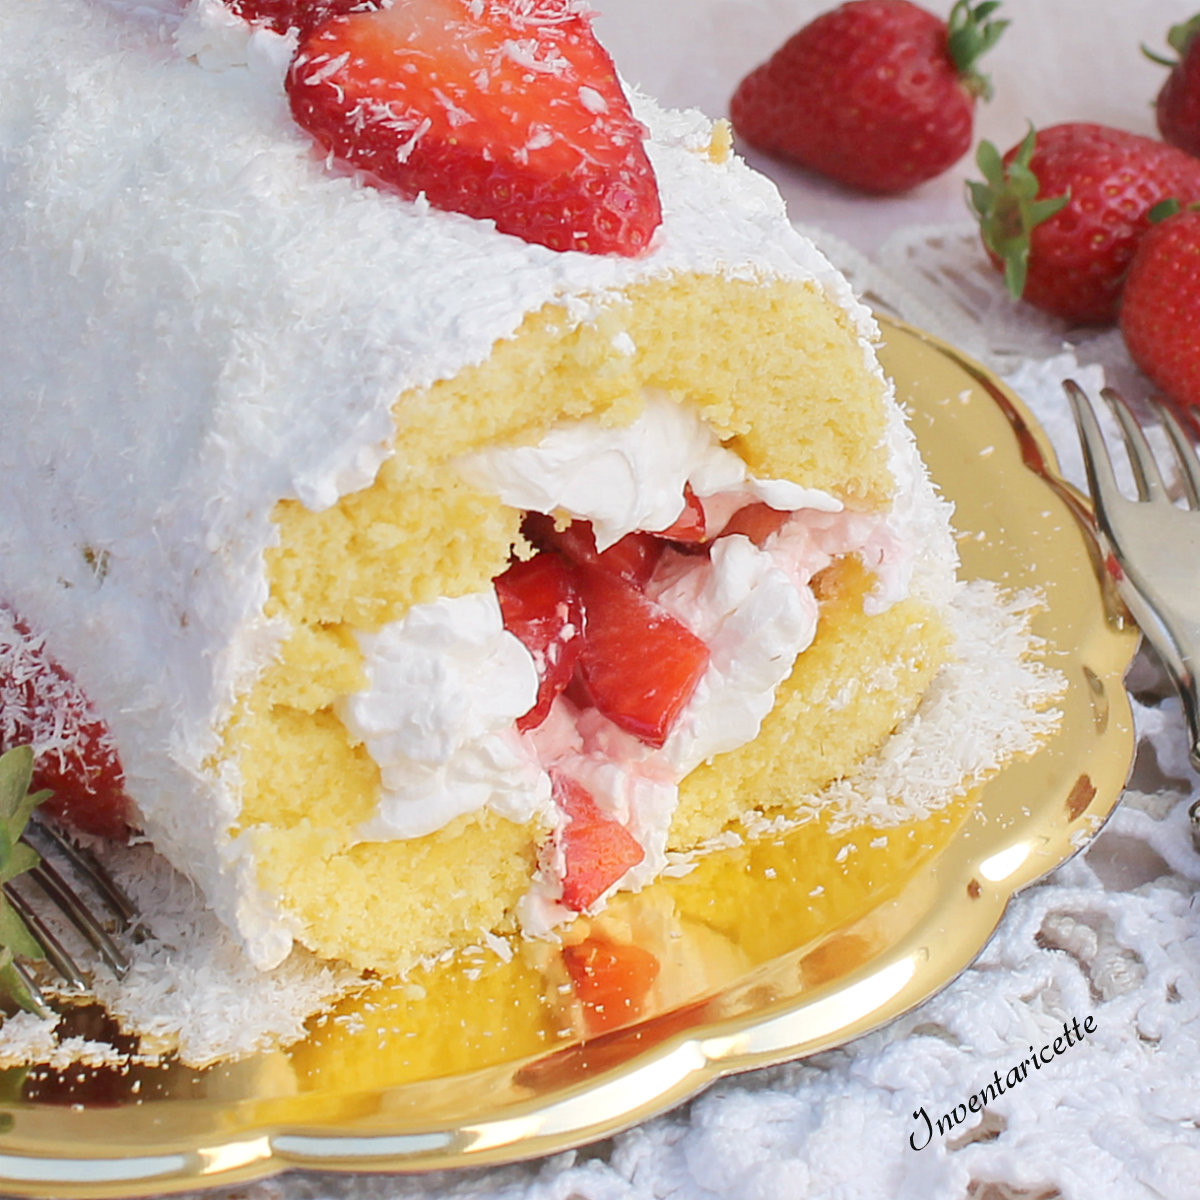 DOLCI CON LE FRAGOLE ricette torte semifreddi creme tiramisu